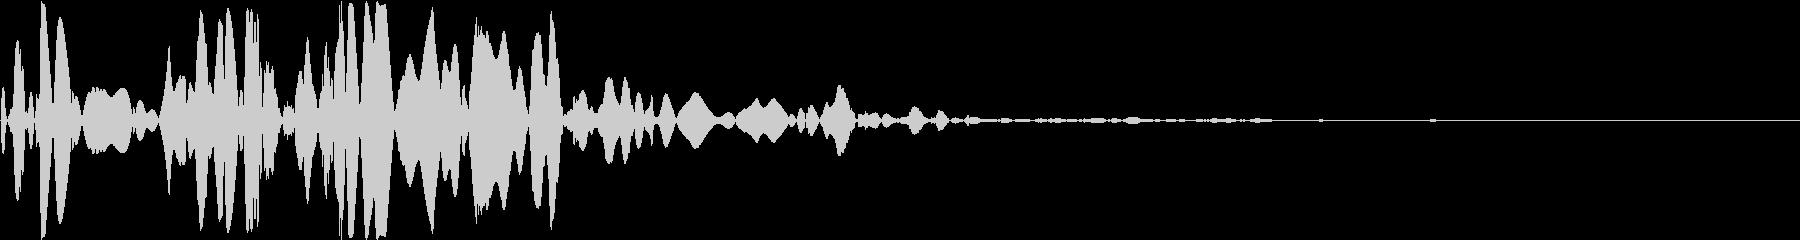 ベチャッ03(泥・液体系のアクション音)の未再生の波形